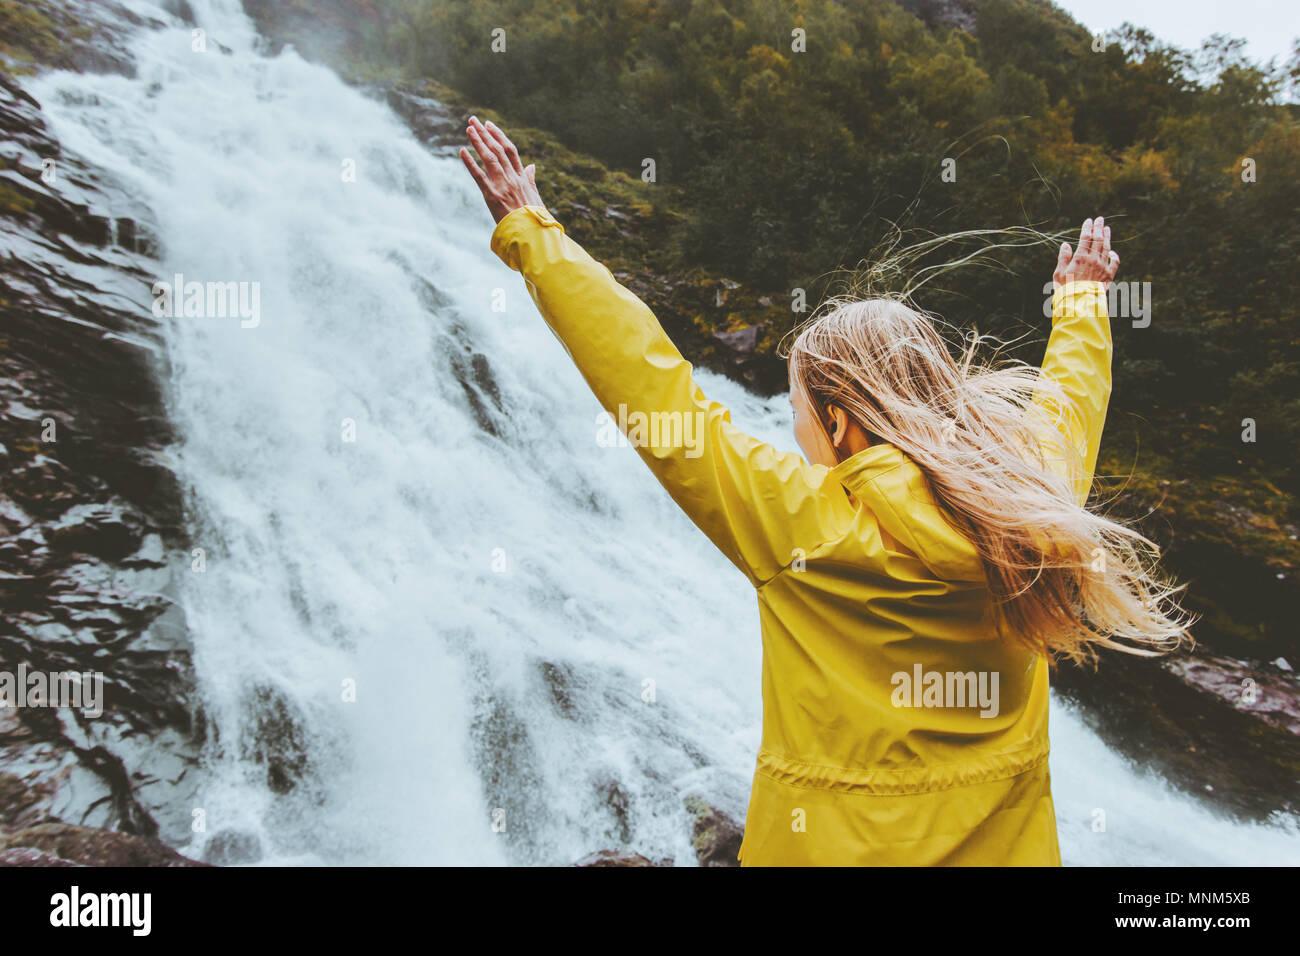 Femme voyageur soulevées mains profitant du paysage cascade voyage seul dans l'aventure sauvage vie de l'harmonie avec la nature émotionnelle concept expre Photo Stock